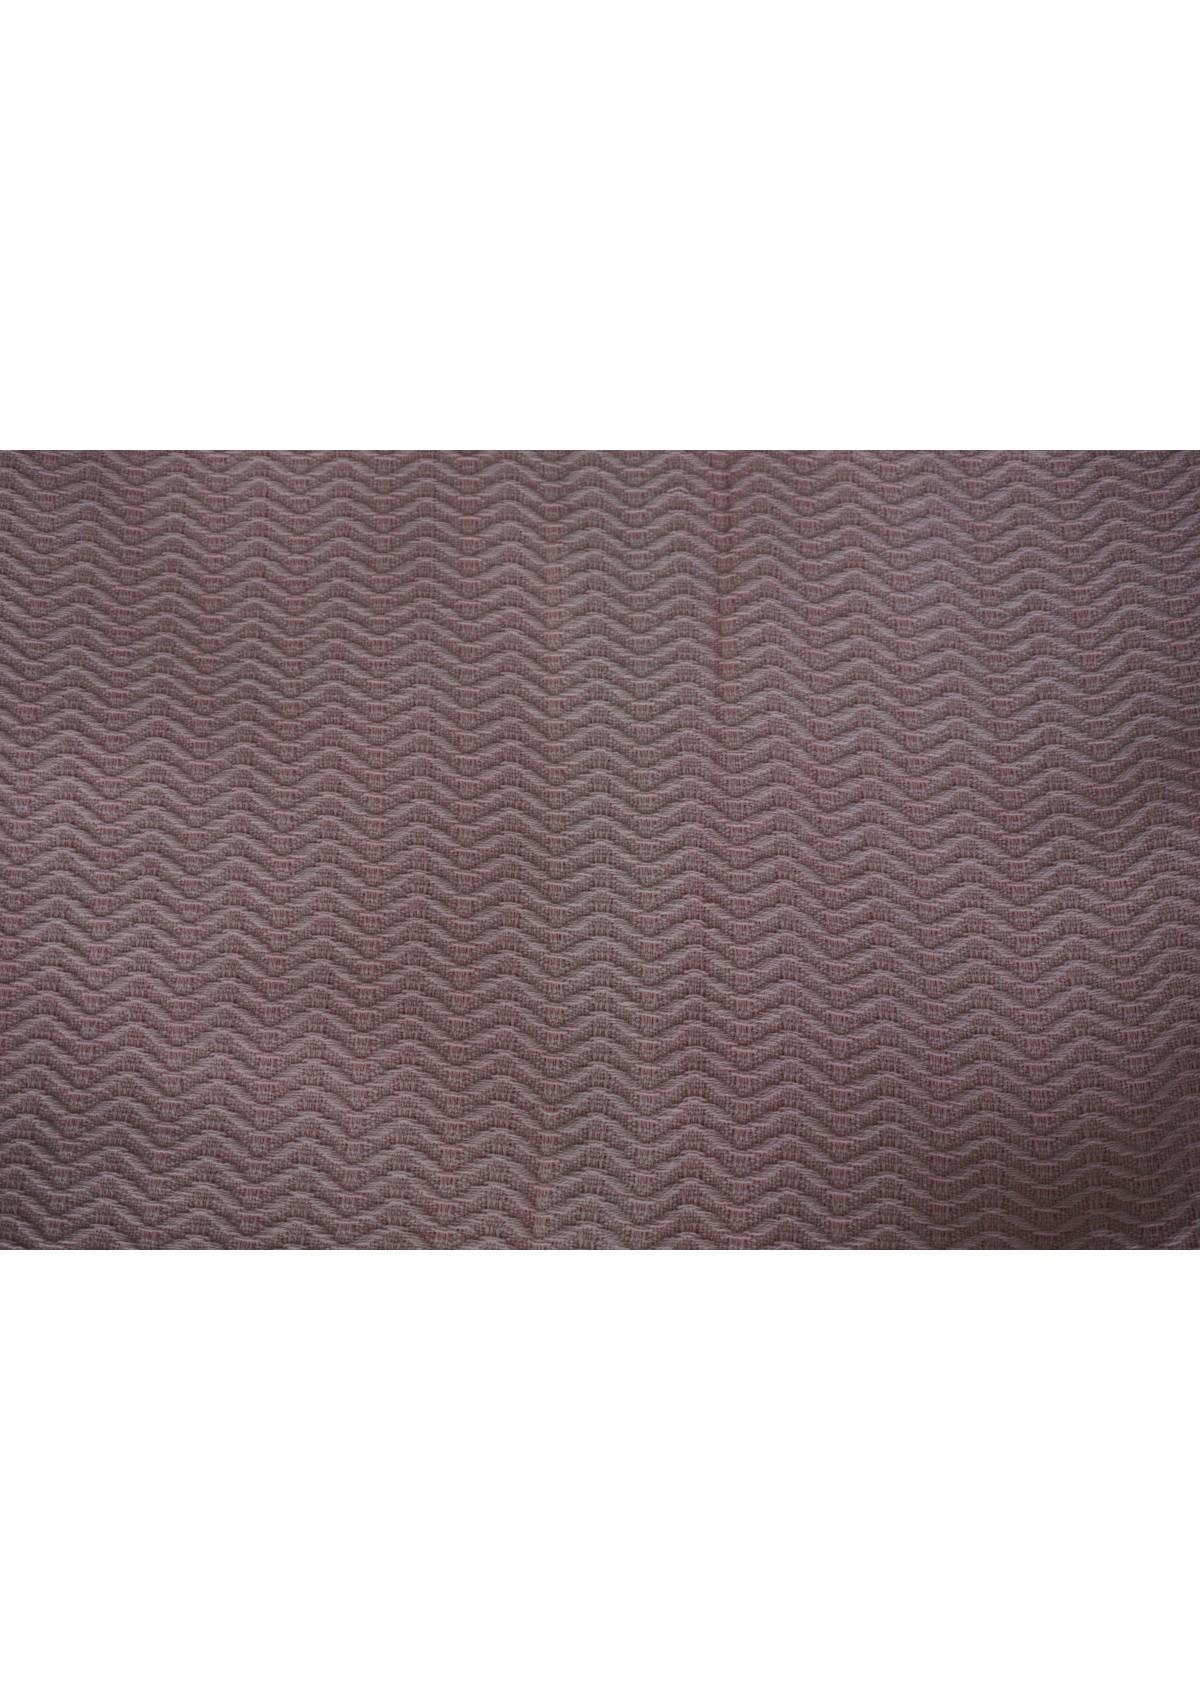 Blanket 150x200 Pembe